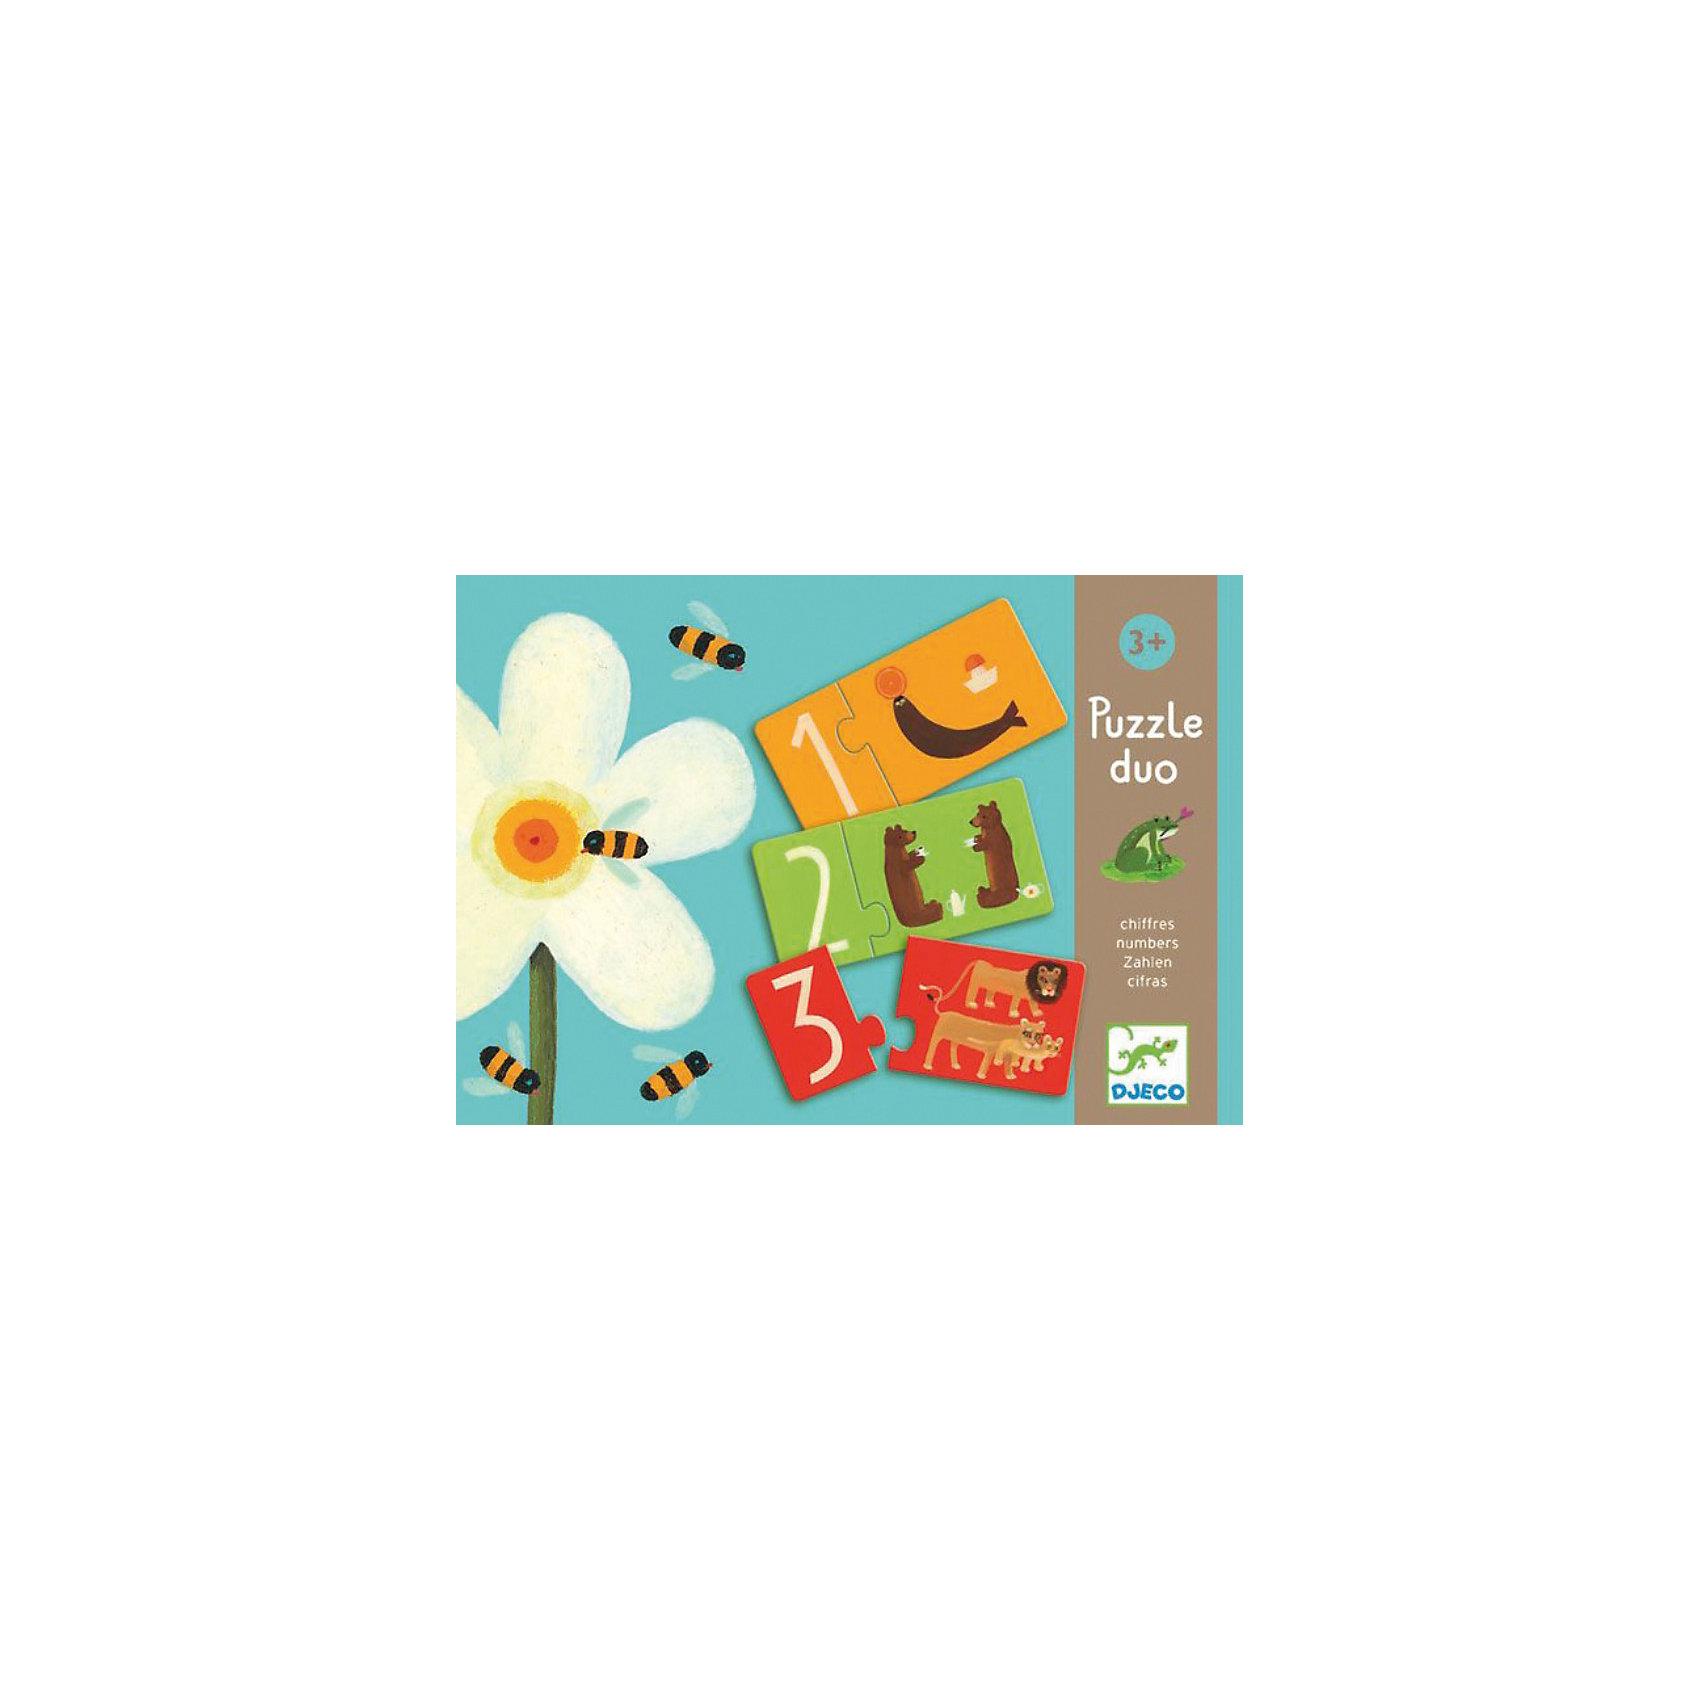 Игра Пары - цифры, DJECOИгра Пары - цифры-  увлекательный красочный пазл, который поможет малышу освоить цифры и счет. В наборе 10 пазлов, на одной половинке которых изображены цифры, а на другой забавные животные, в количестве соответствующем цифре, например половинка пазла 2 соединяется с половинкой на которой изображены два медведя. Для облегчения задачи малышу обе половинки имеют одинаковый цвет. Цель игры -  правильно соединить половинки пазла в одну картинку. Все картинки очень яркие и красочные, что дополнительно привлечет внимание ребенка.<br><br>Дополнительная информация:<br><br>- В комплекте: 10 пазлов.<br>- Материал: трехслойный картон.<br>- Размер карточки: 9,5 х 4,5 см.<br>- Размер упаковки: 22х22х3 см<br>- Вес: 0,3 кг.<br><br>Игра способствует развитию логического мышления, навыкам счета, внимательности.<br><br>Игру Пары - цифры DJECO (Джеко) можно купить в нашем магазине.<br><br>Ширина мм: 220<br>Глубина мм: 220<br>Высота мм: 30<br>Вес г: 500<br>Возраст от месяцев: 24<br>Возраст до месяцев: 36<br>Пол: Унисекс<br>Возраст: Детский<br>SKU: 3193416